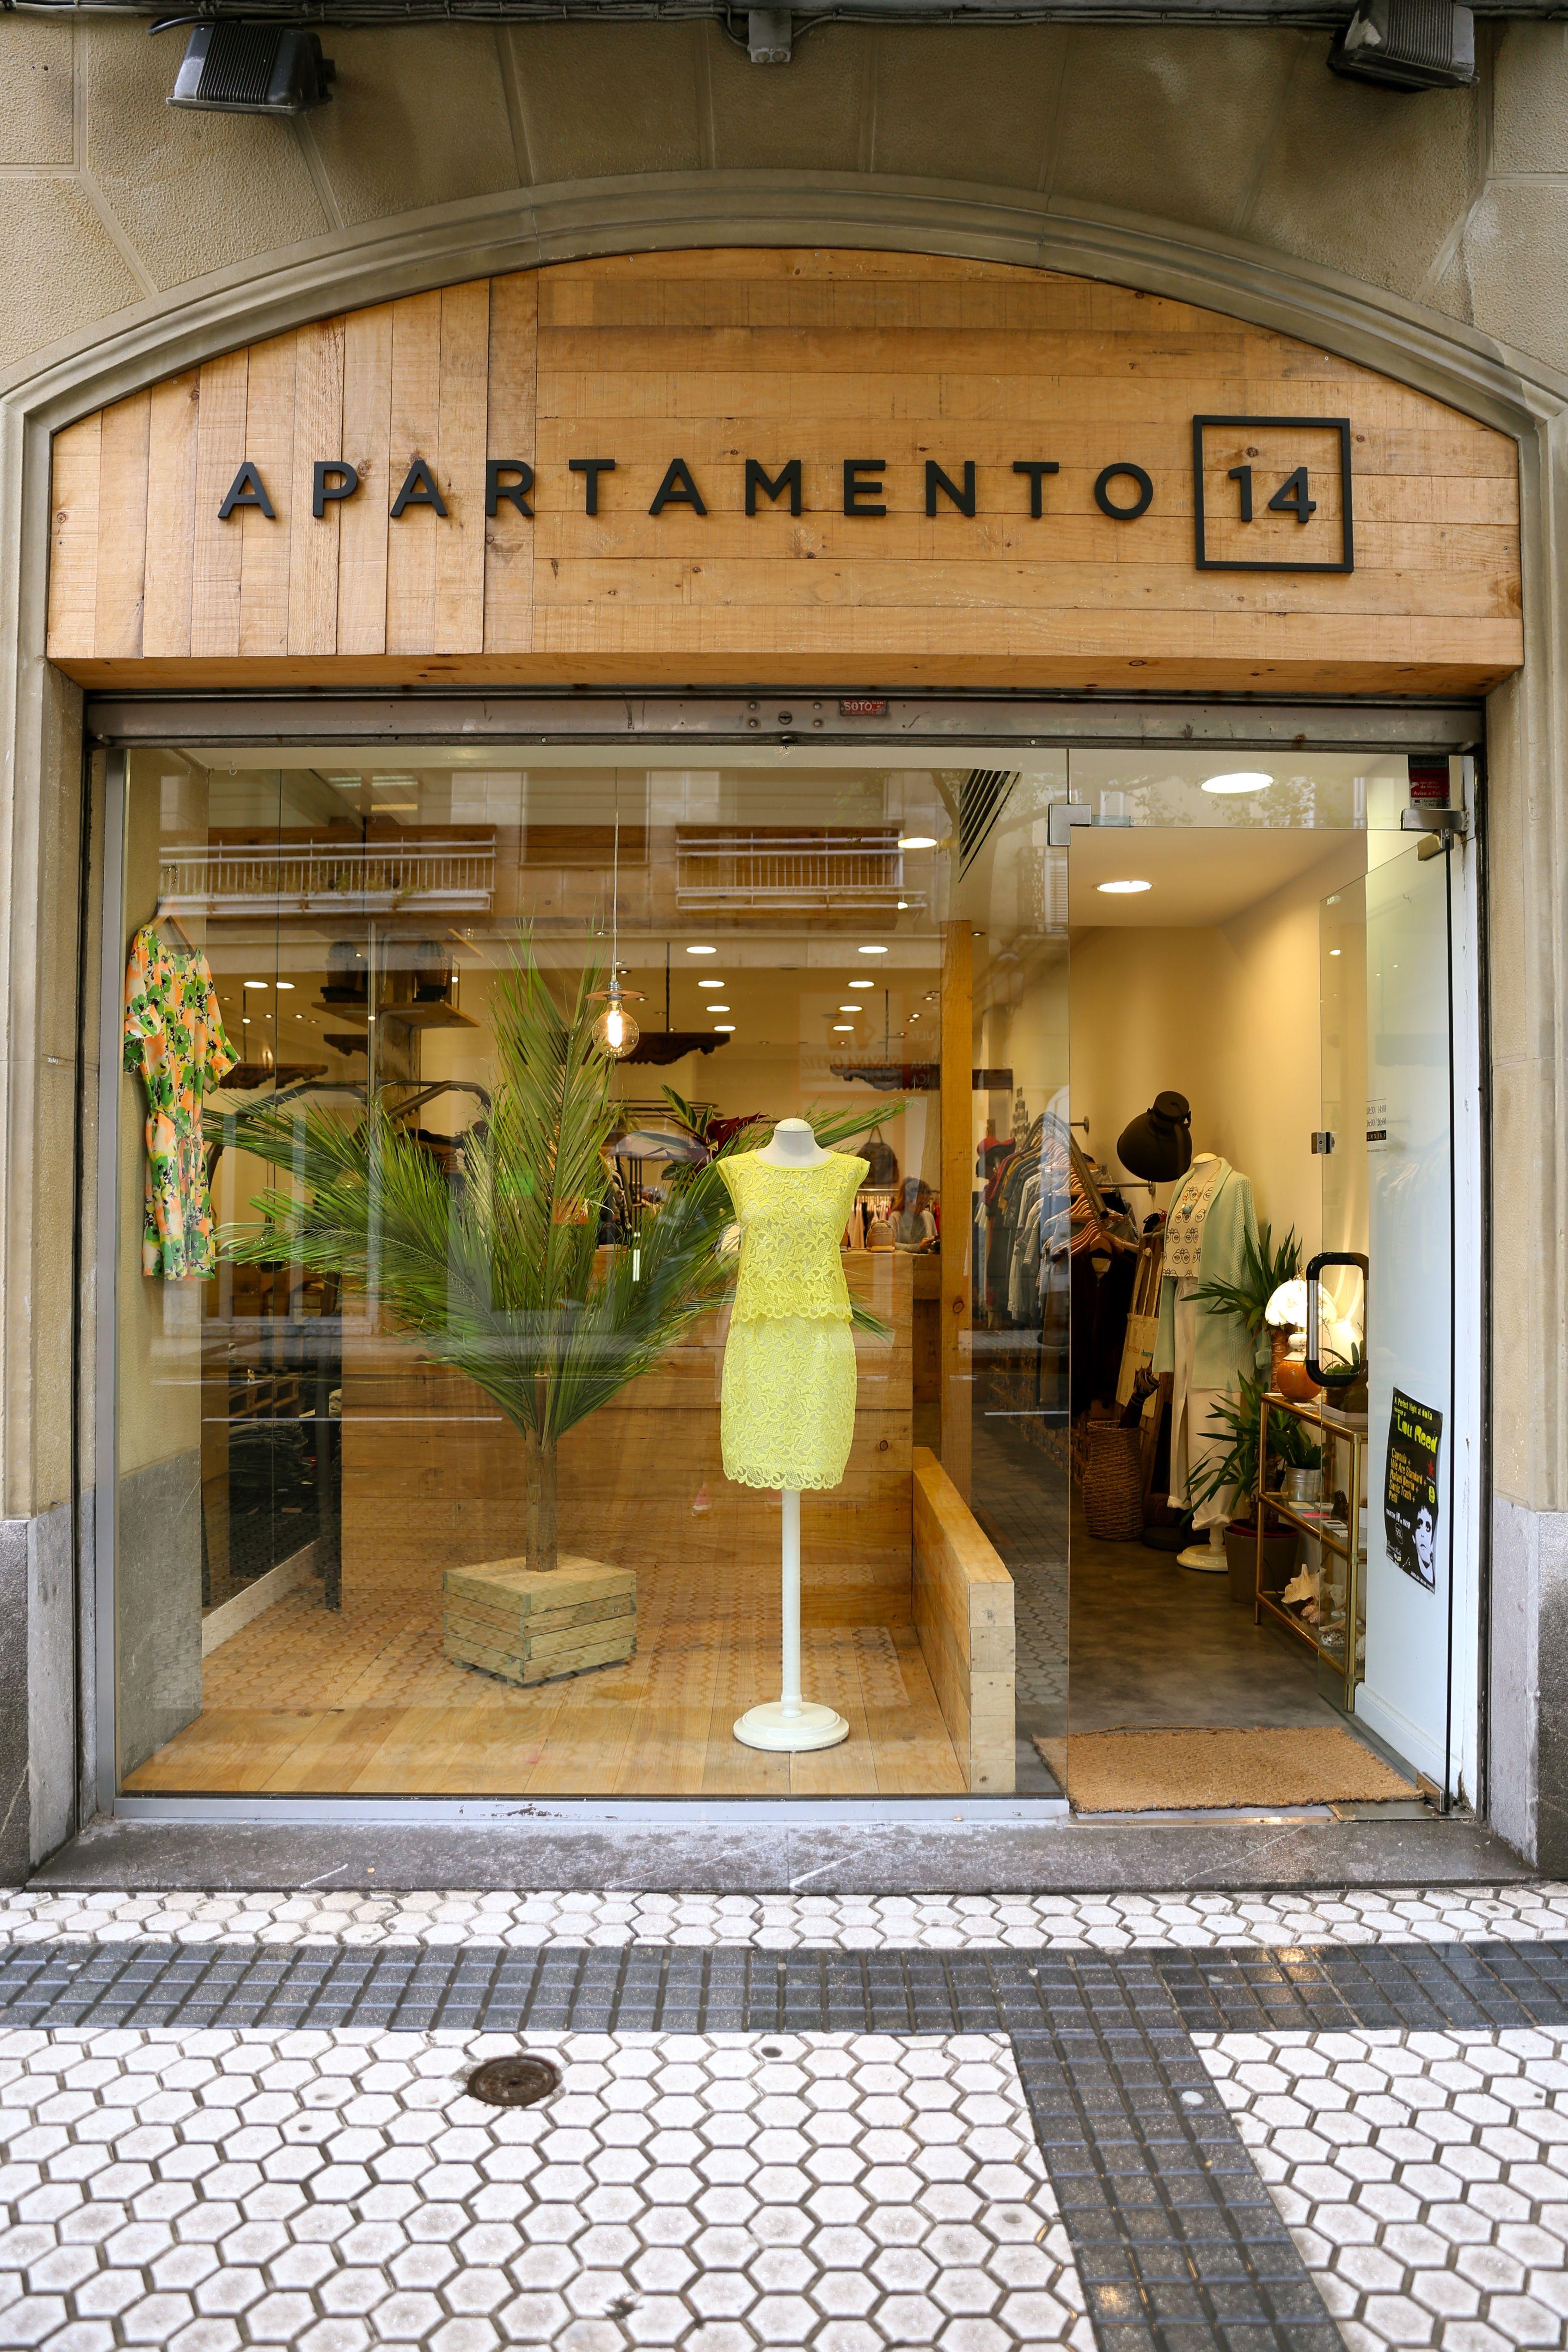 Escaparate para la tienda Apartamento 14, realización de una palmera con hojas naturales.